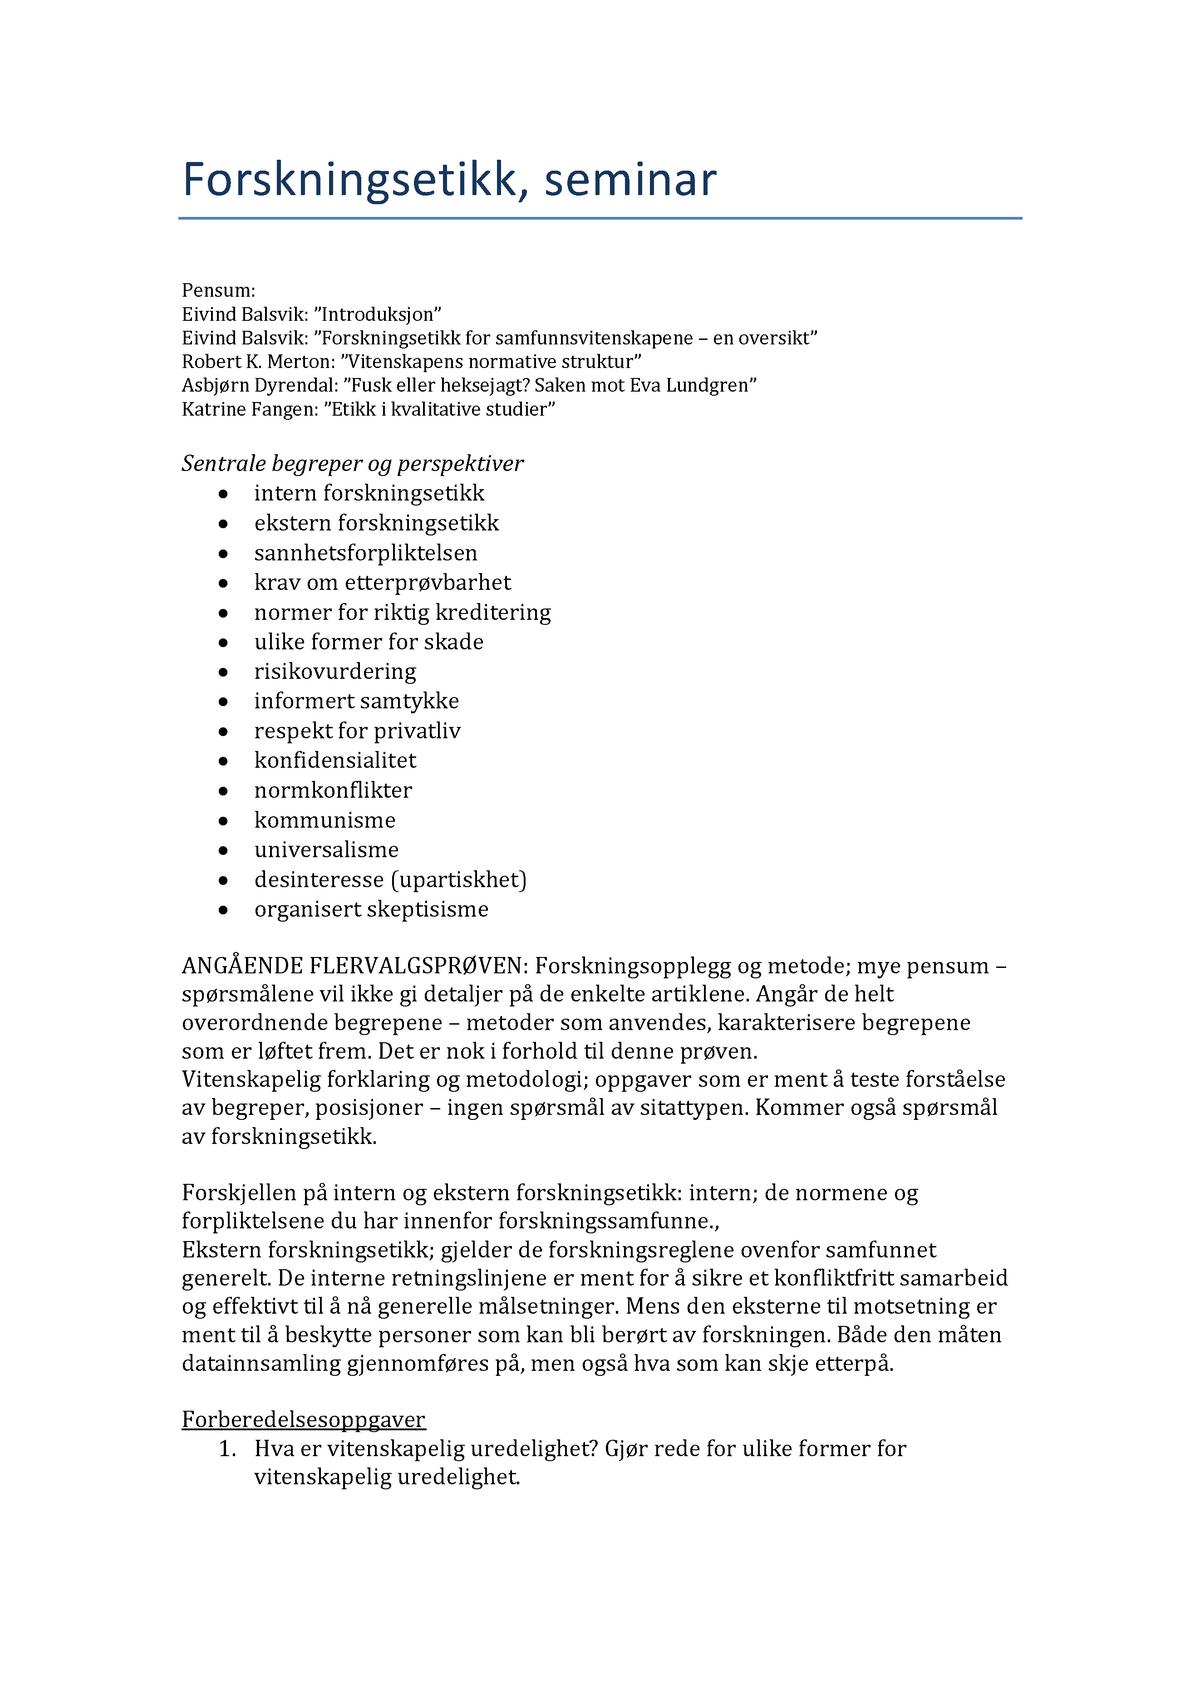 2101afde Forskningsetikk, seminar 1 - SVEXFAC03: Examen Facultatum -  Samfunnsvitenskapelig variant - StuDocu